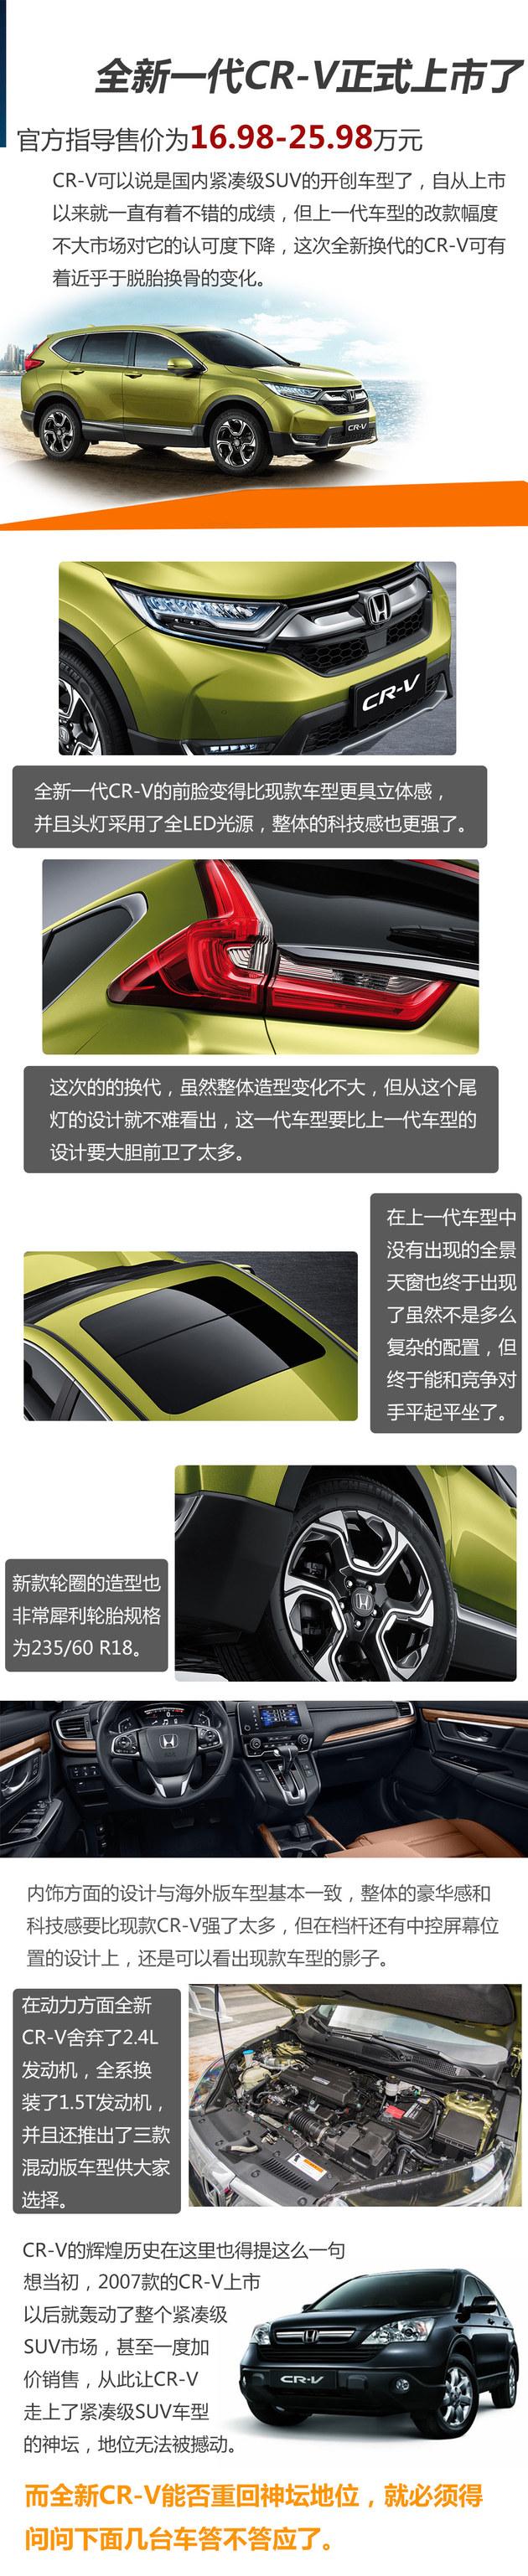 新CR-V能否重回神坛 得先赢过这几台车